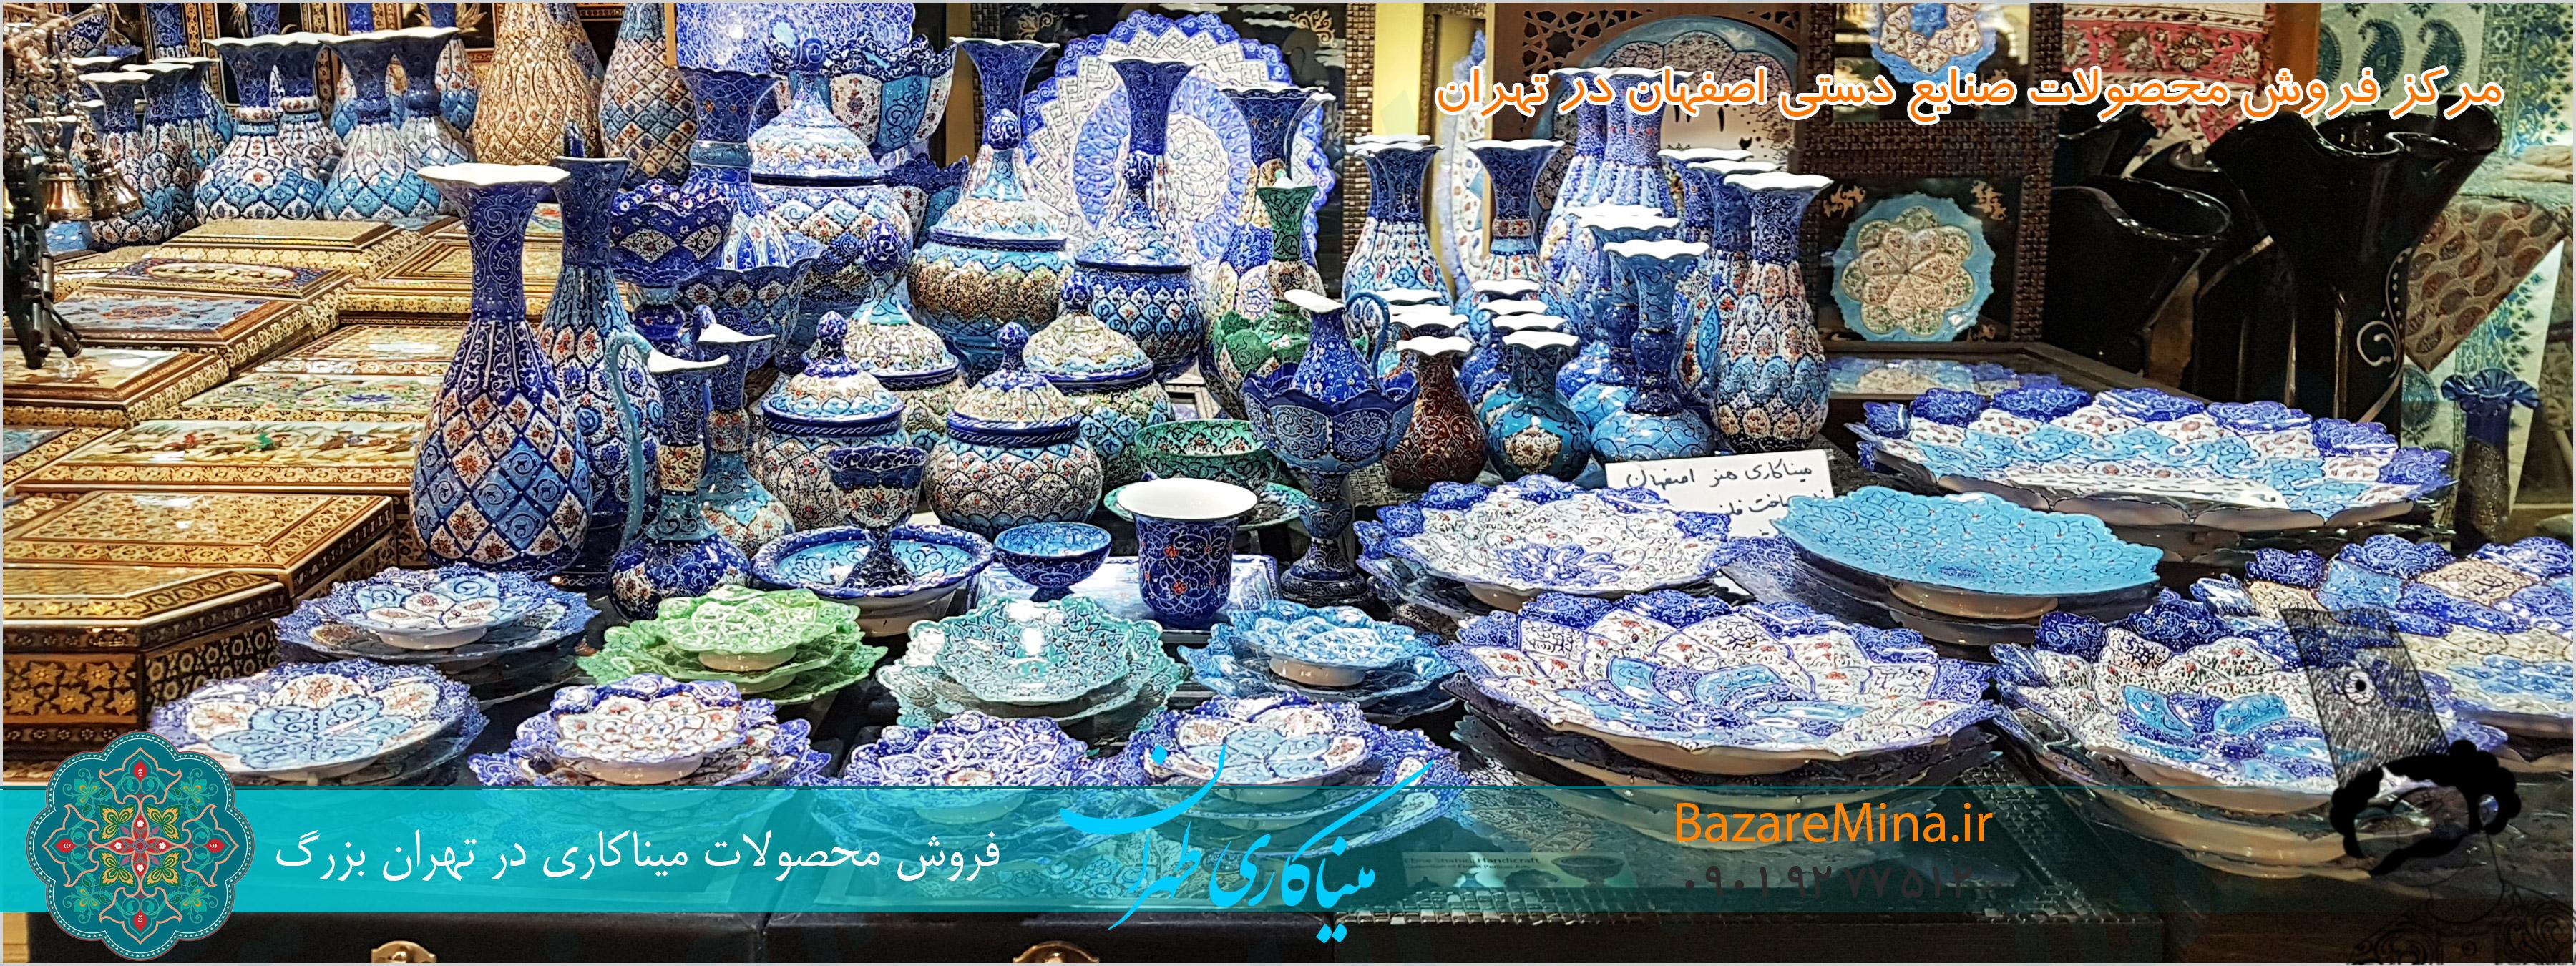 قیمت میناکاری تهران